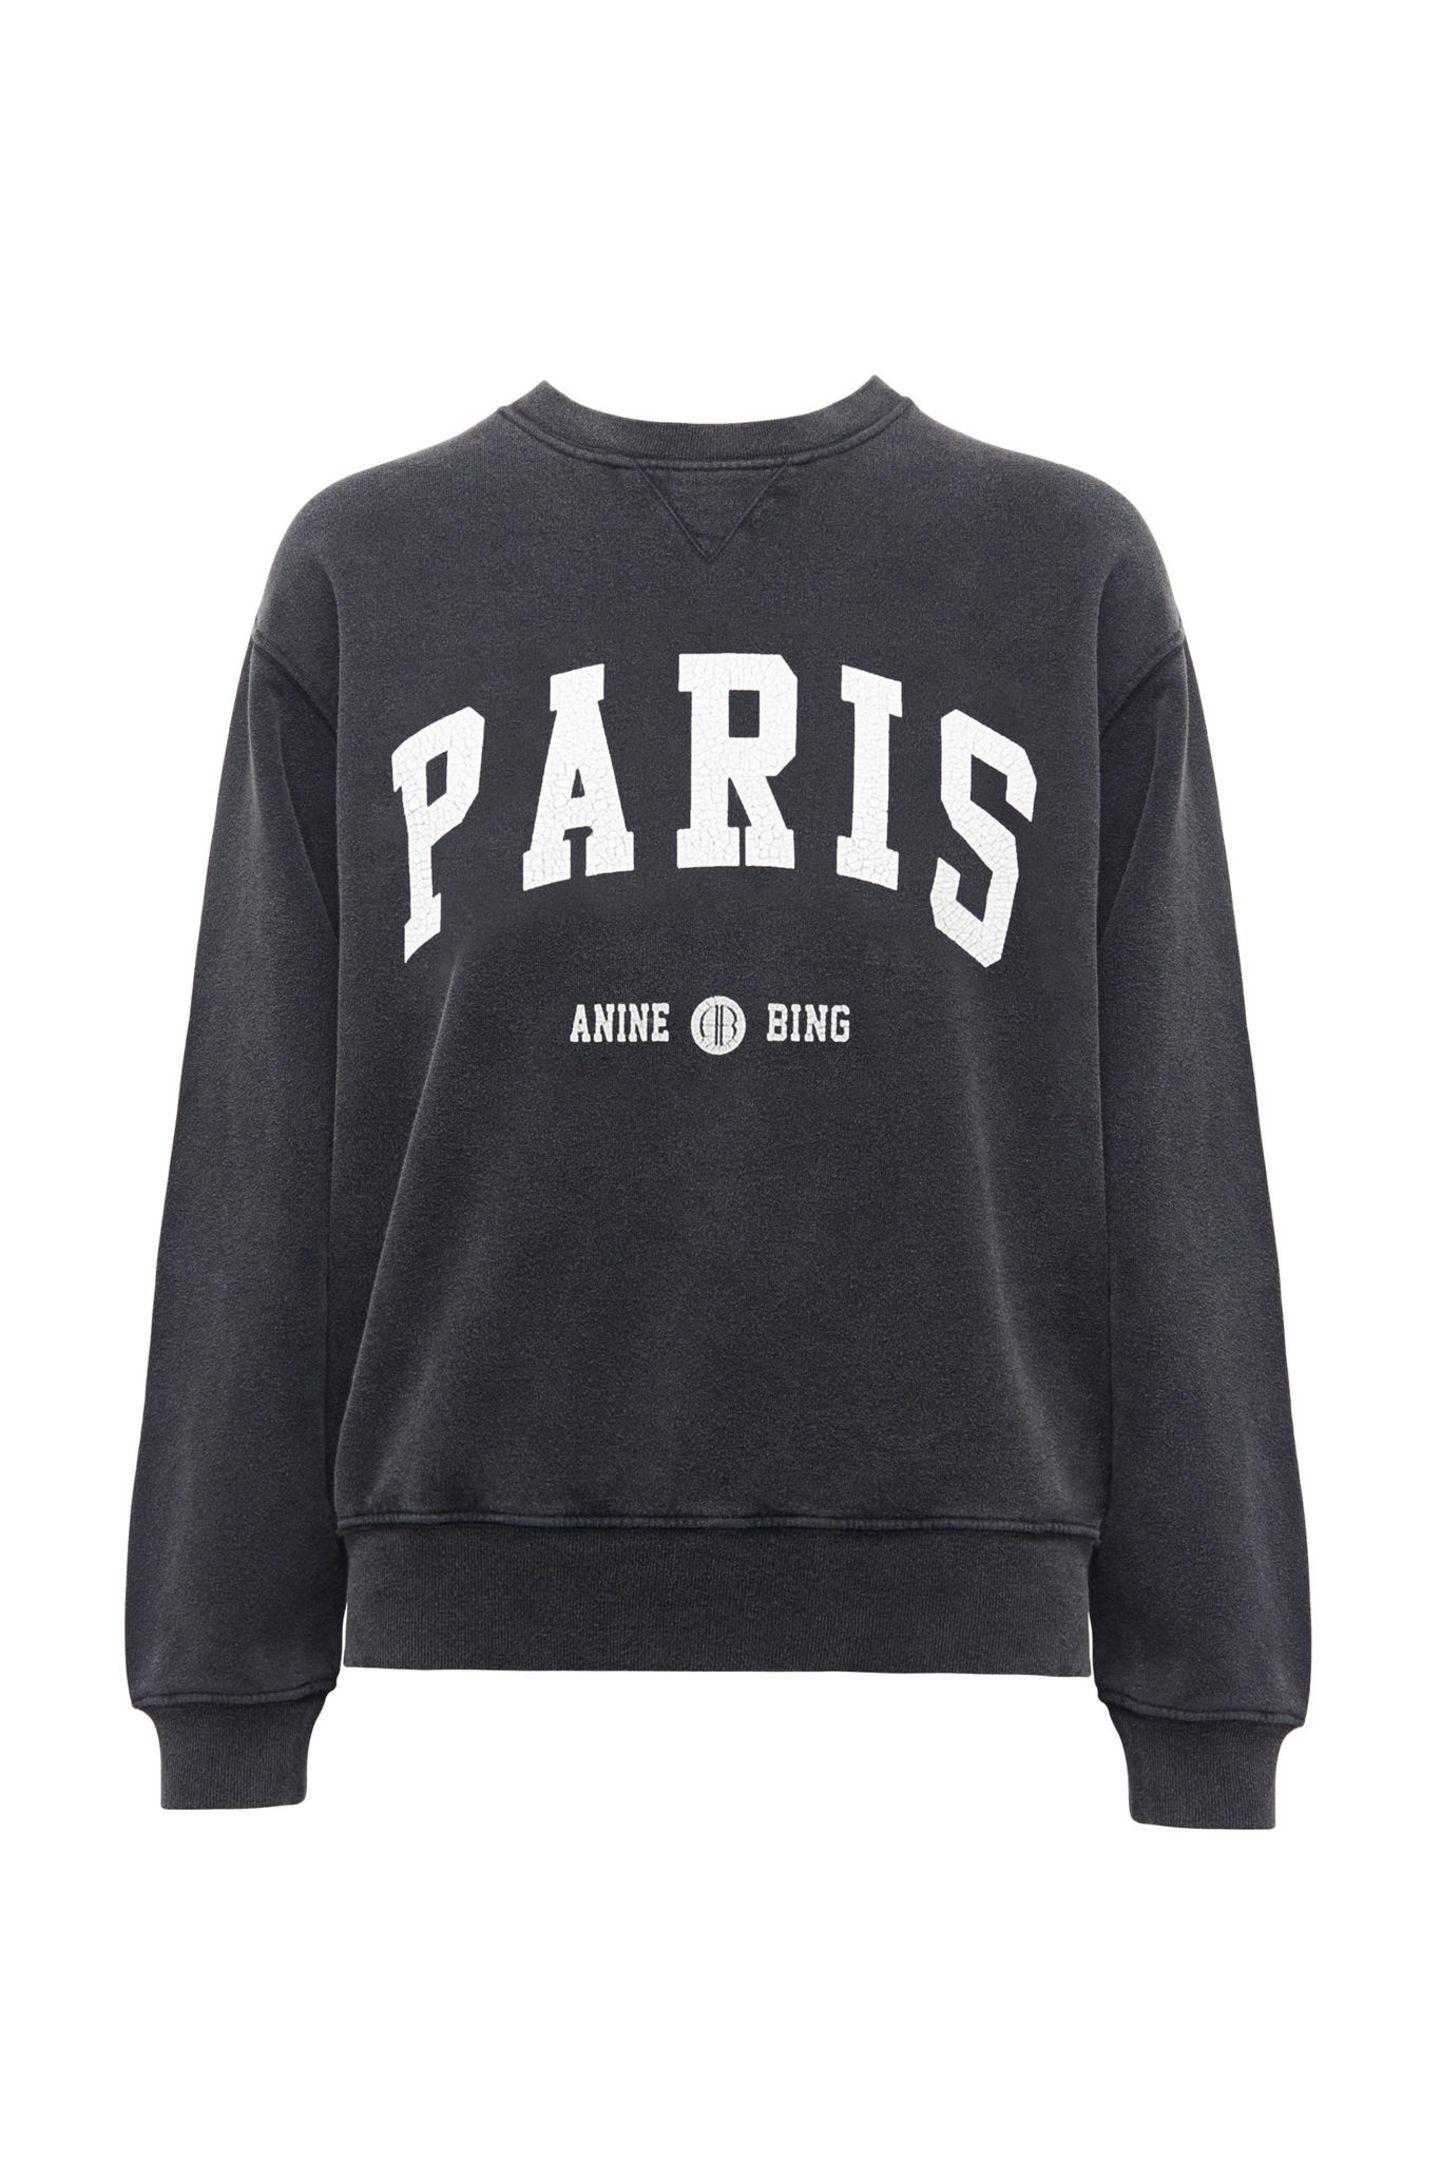 """Das """"Sweater-Weather"""" ist zwar hoffentlich bald vorbei, doch auf dieses stylishes Sweatshirt von Anine Bing möchte wir trotzdem nicht verzichten! Ca. 170 Euro."""